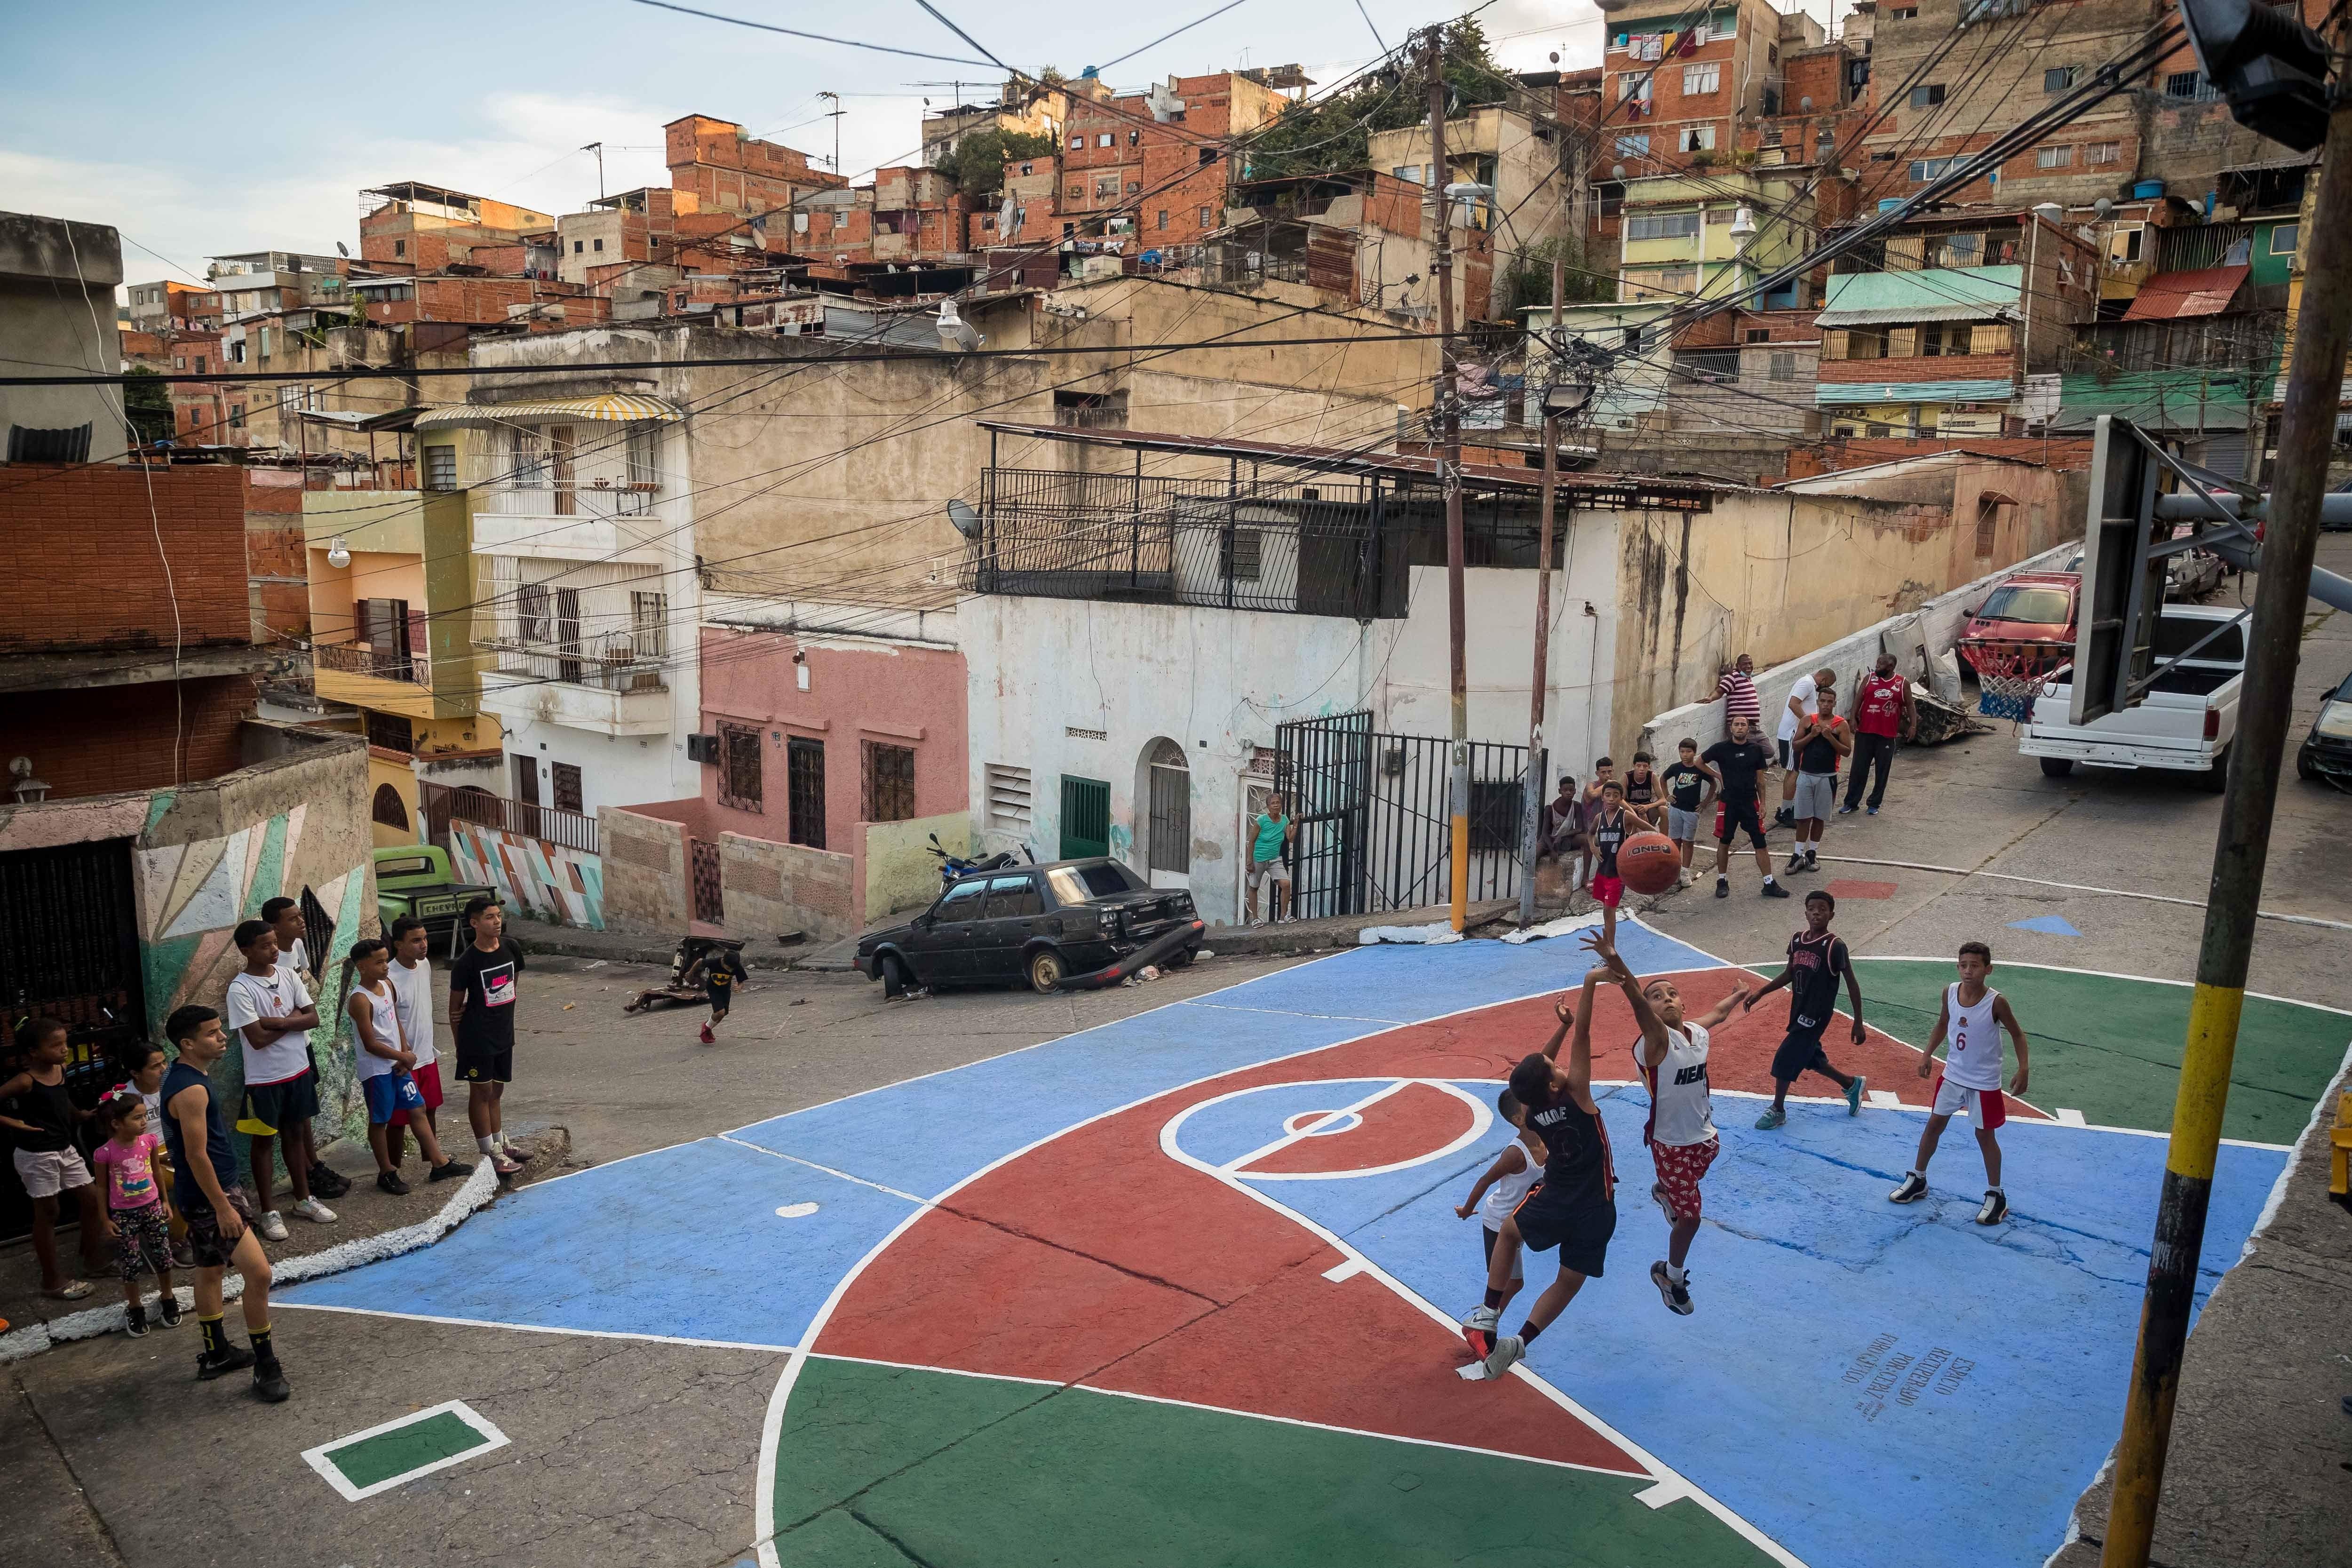 Se dispara la pobreza extrema en Venezuela: el 76,6% de su población vive con menos de 1,2 dólares al día